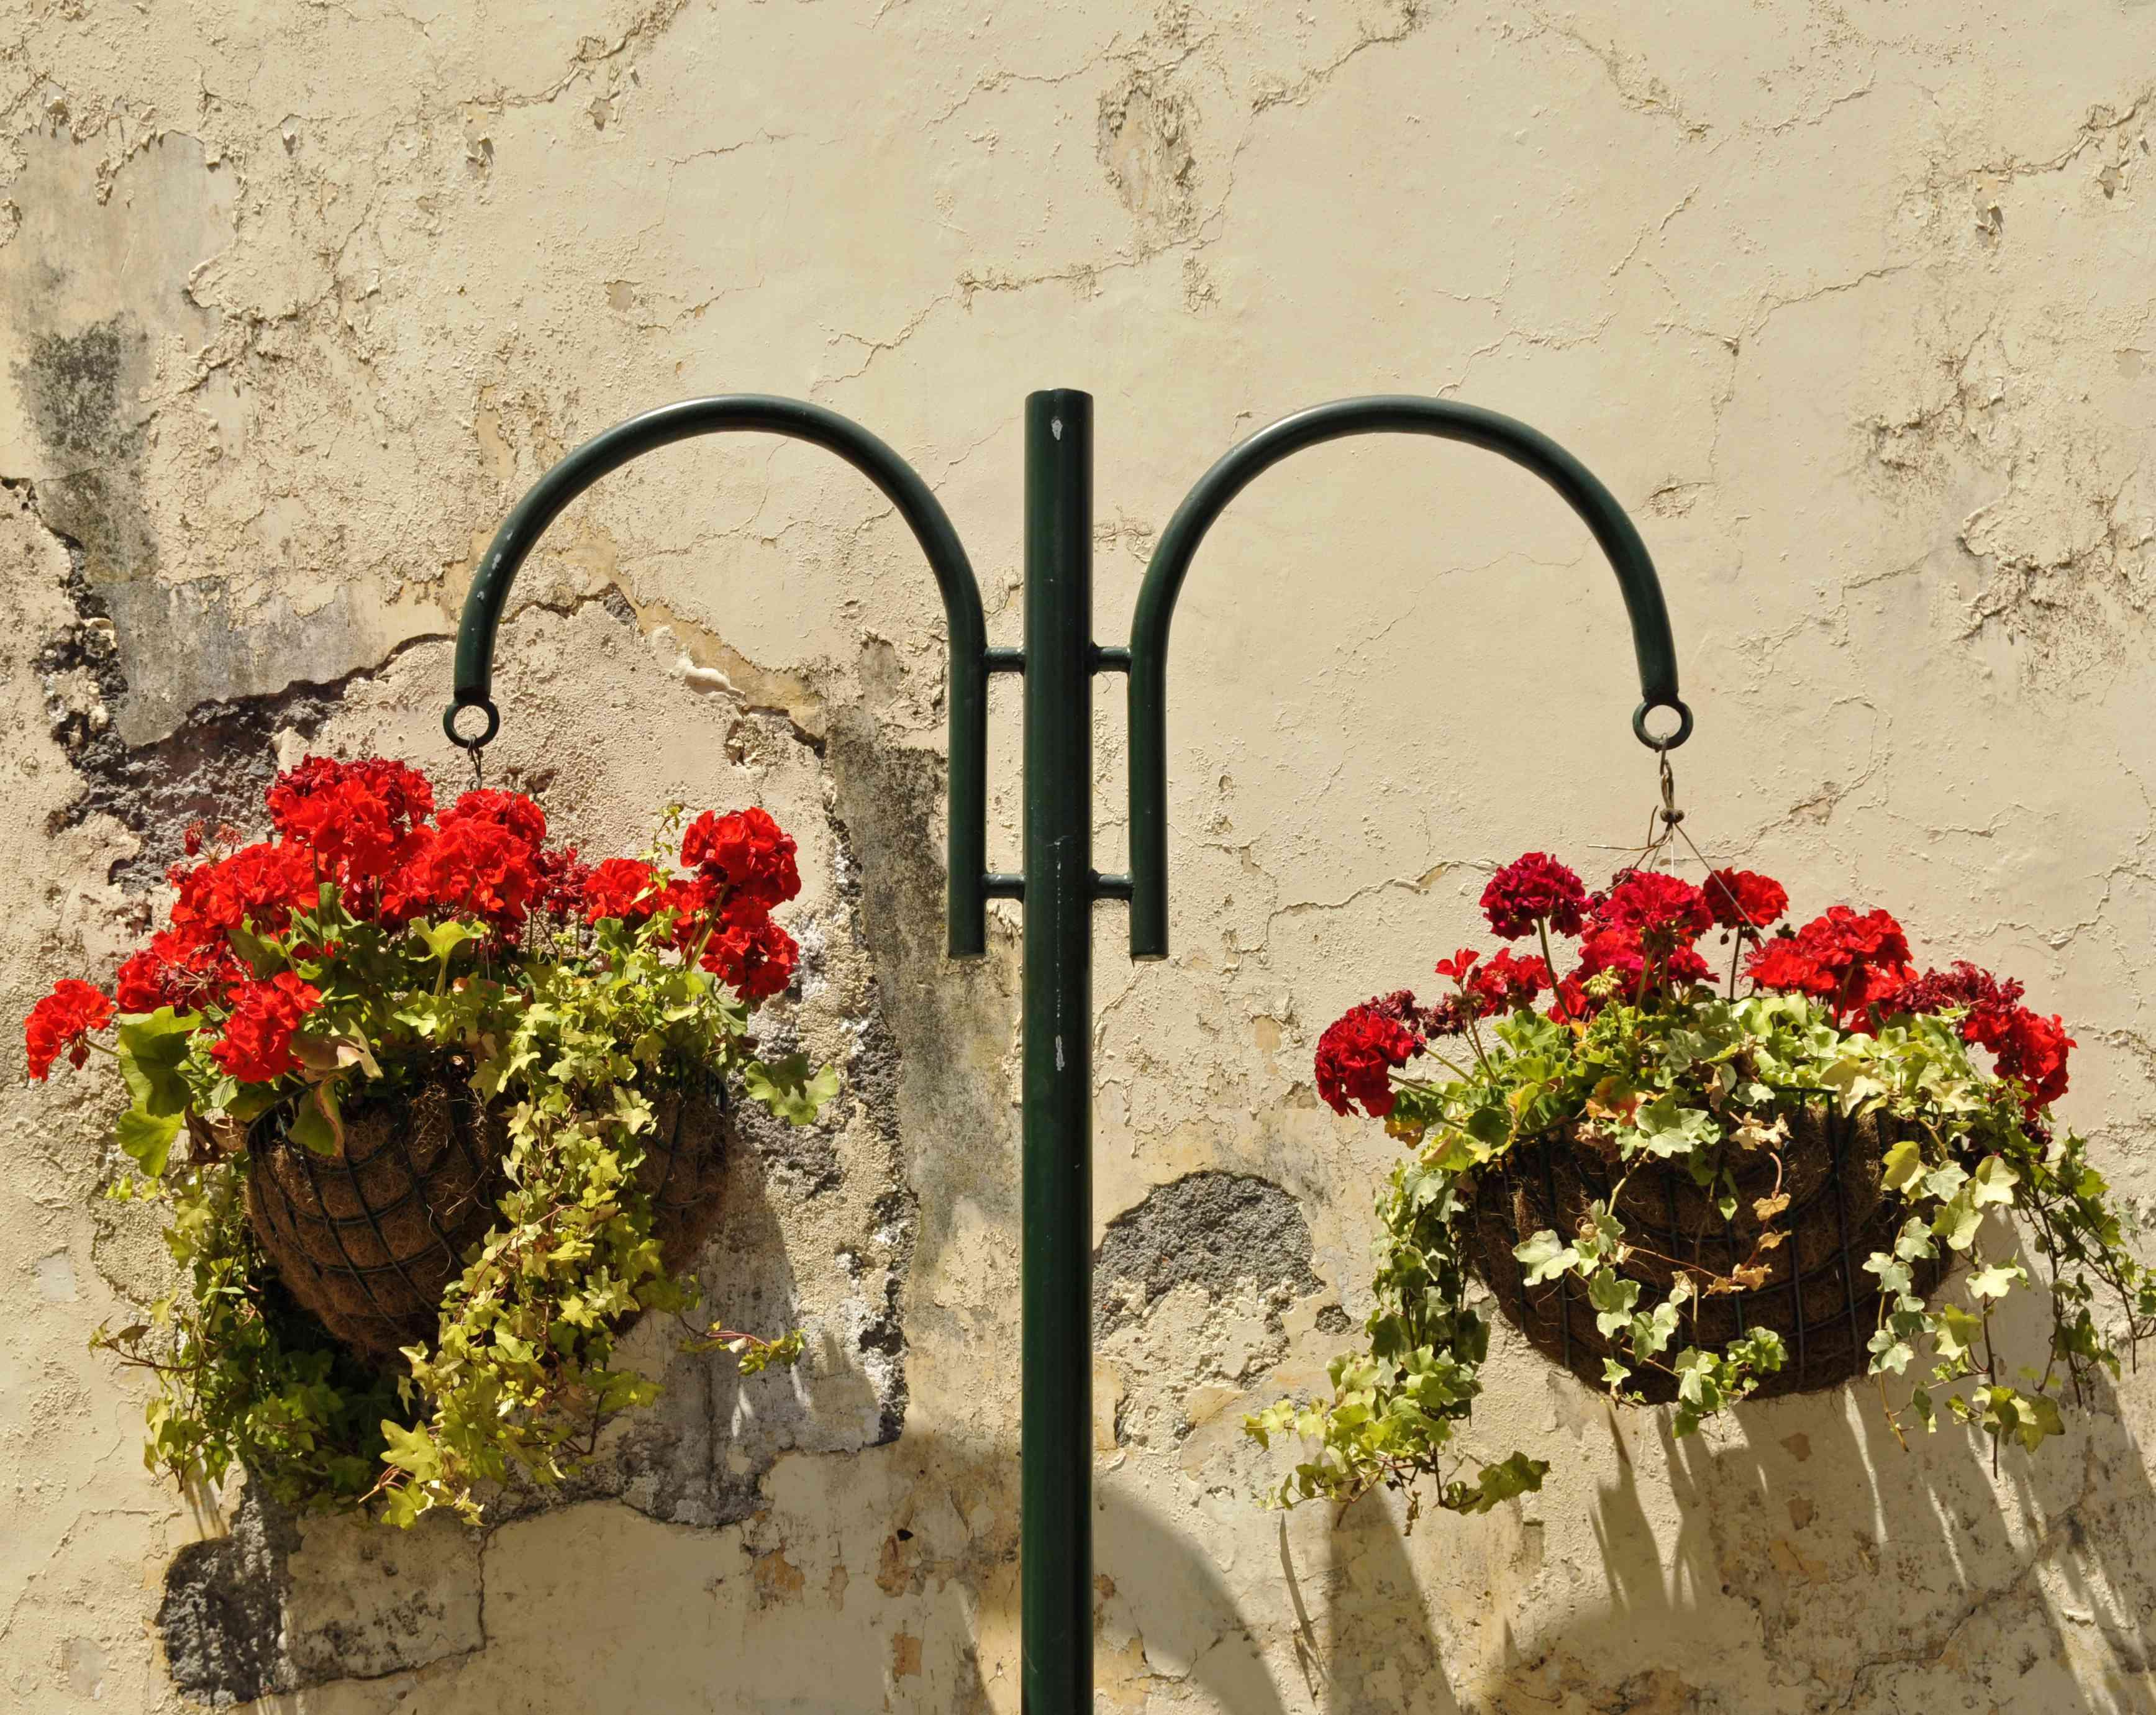 Hanging basket of Pelargoniums